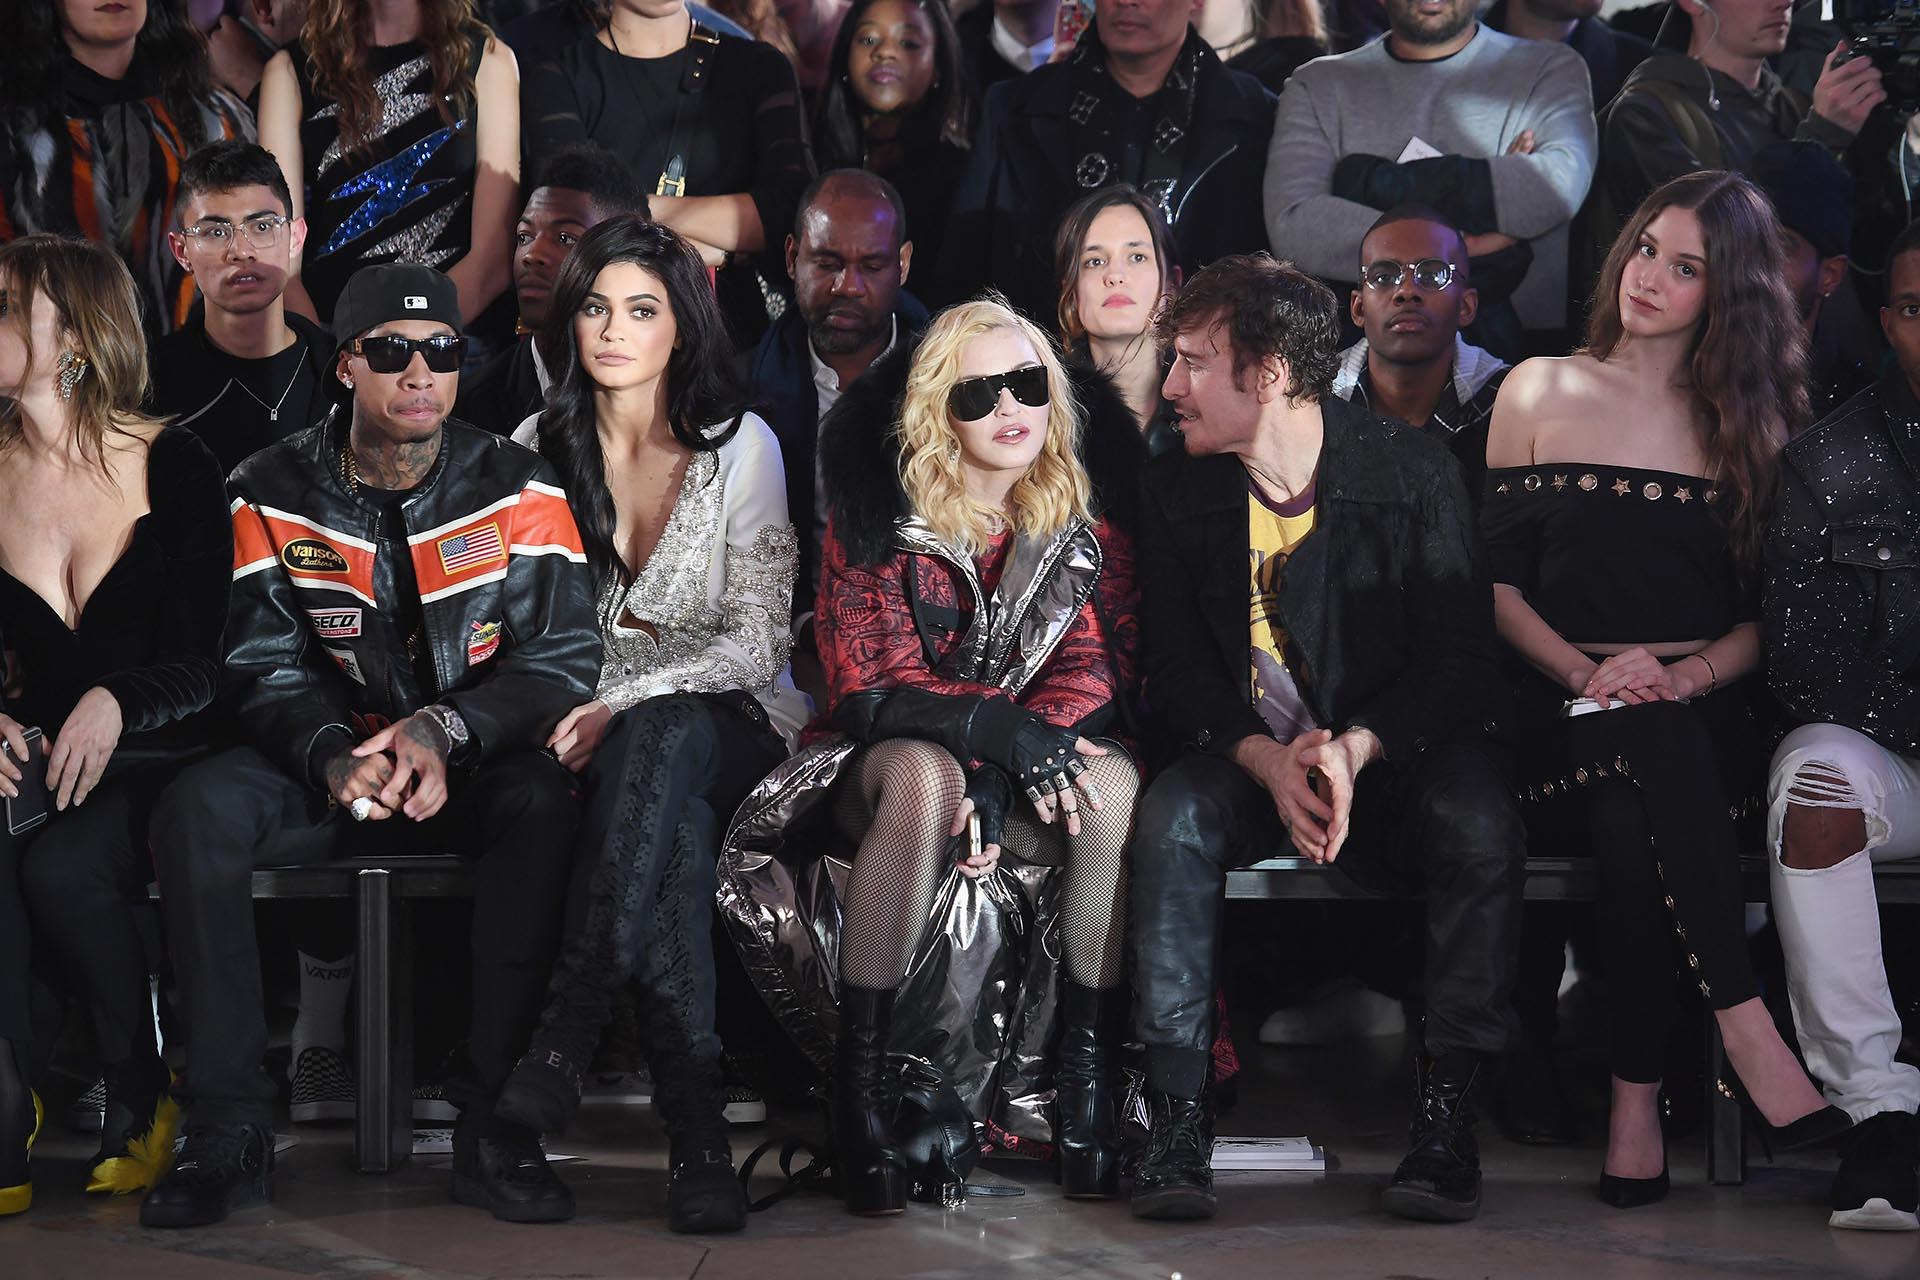 Vestida con un abrigo de capucha, medias de red, guantes, botas y grandes anteojos negros, Madonna se ubicó en la 'front row' junto a Tyga, Kylie Jenner y Steven Klein